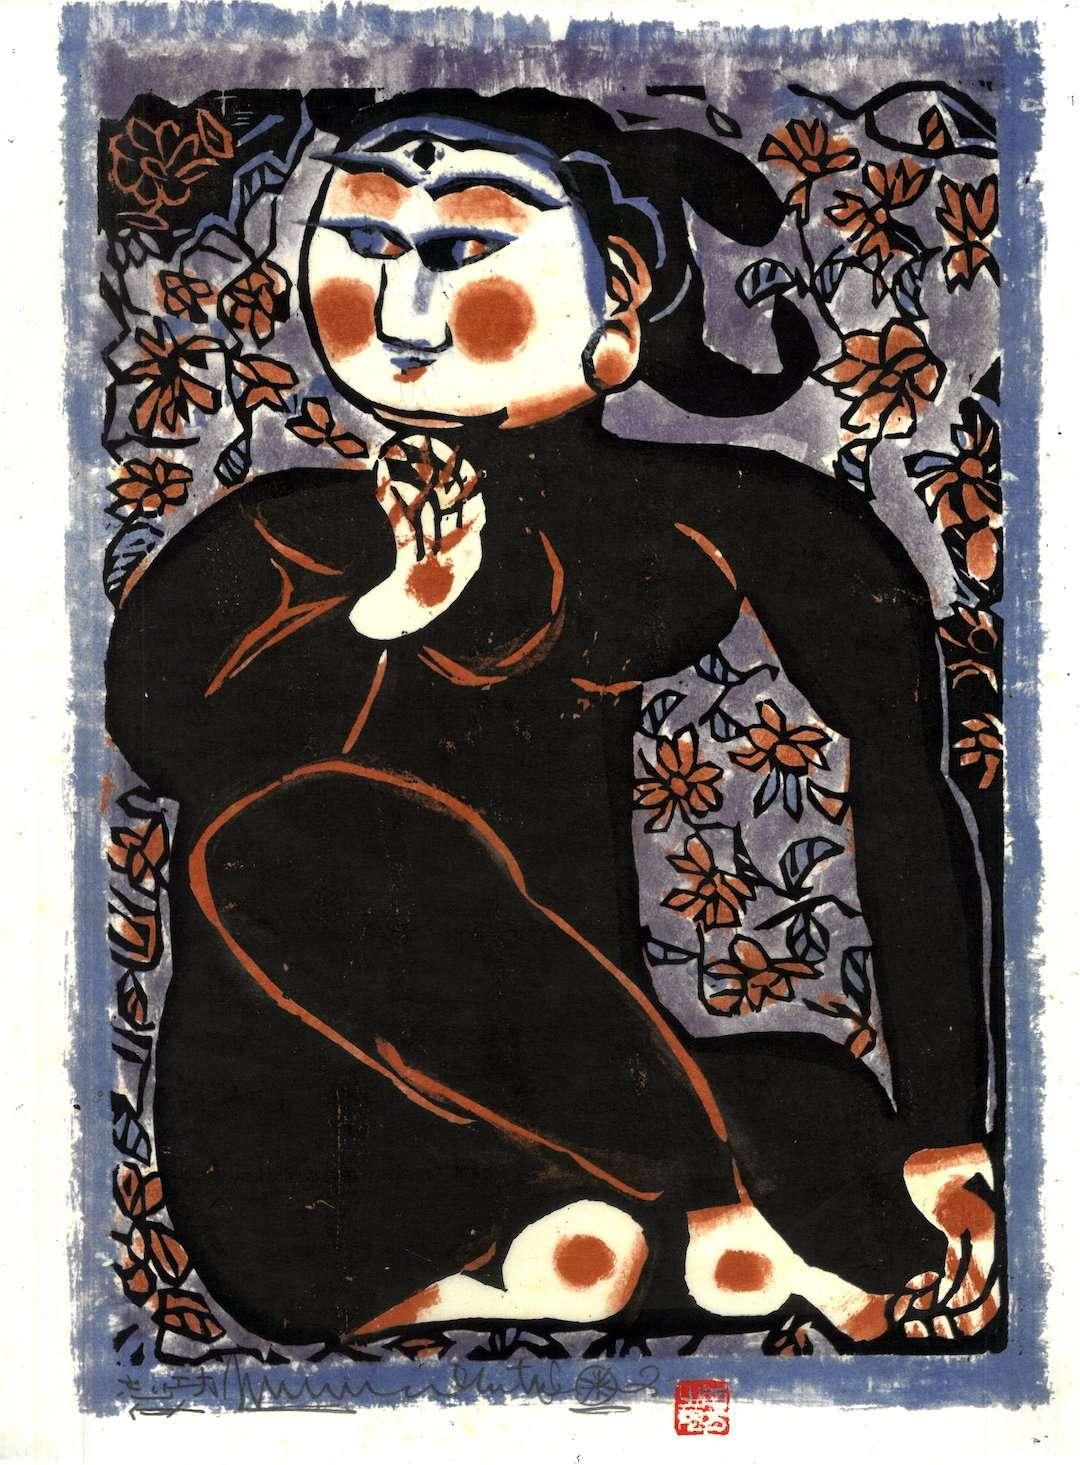 Hizakura no Saku-edited copy